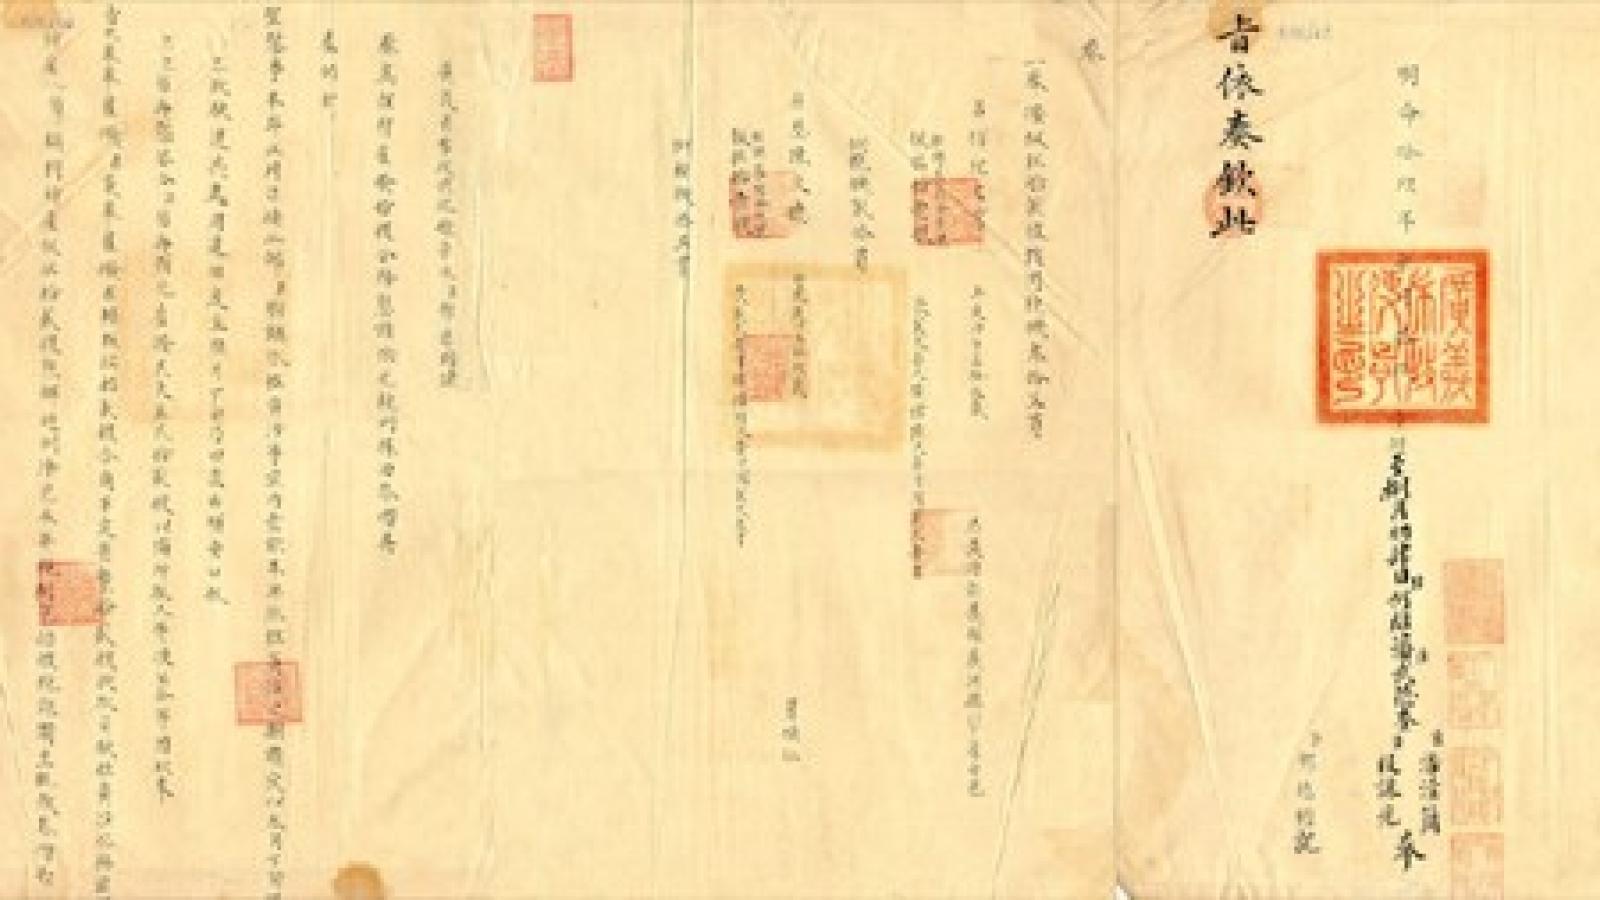 Nguyen Dynasty exercises national maritime sovereignty